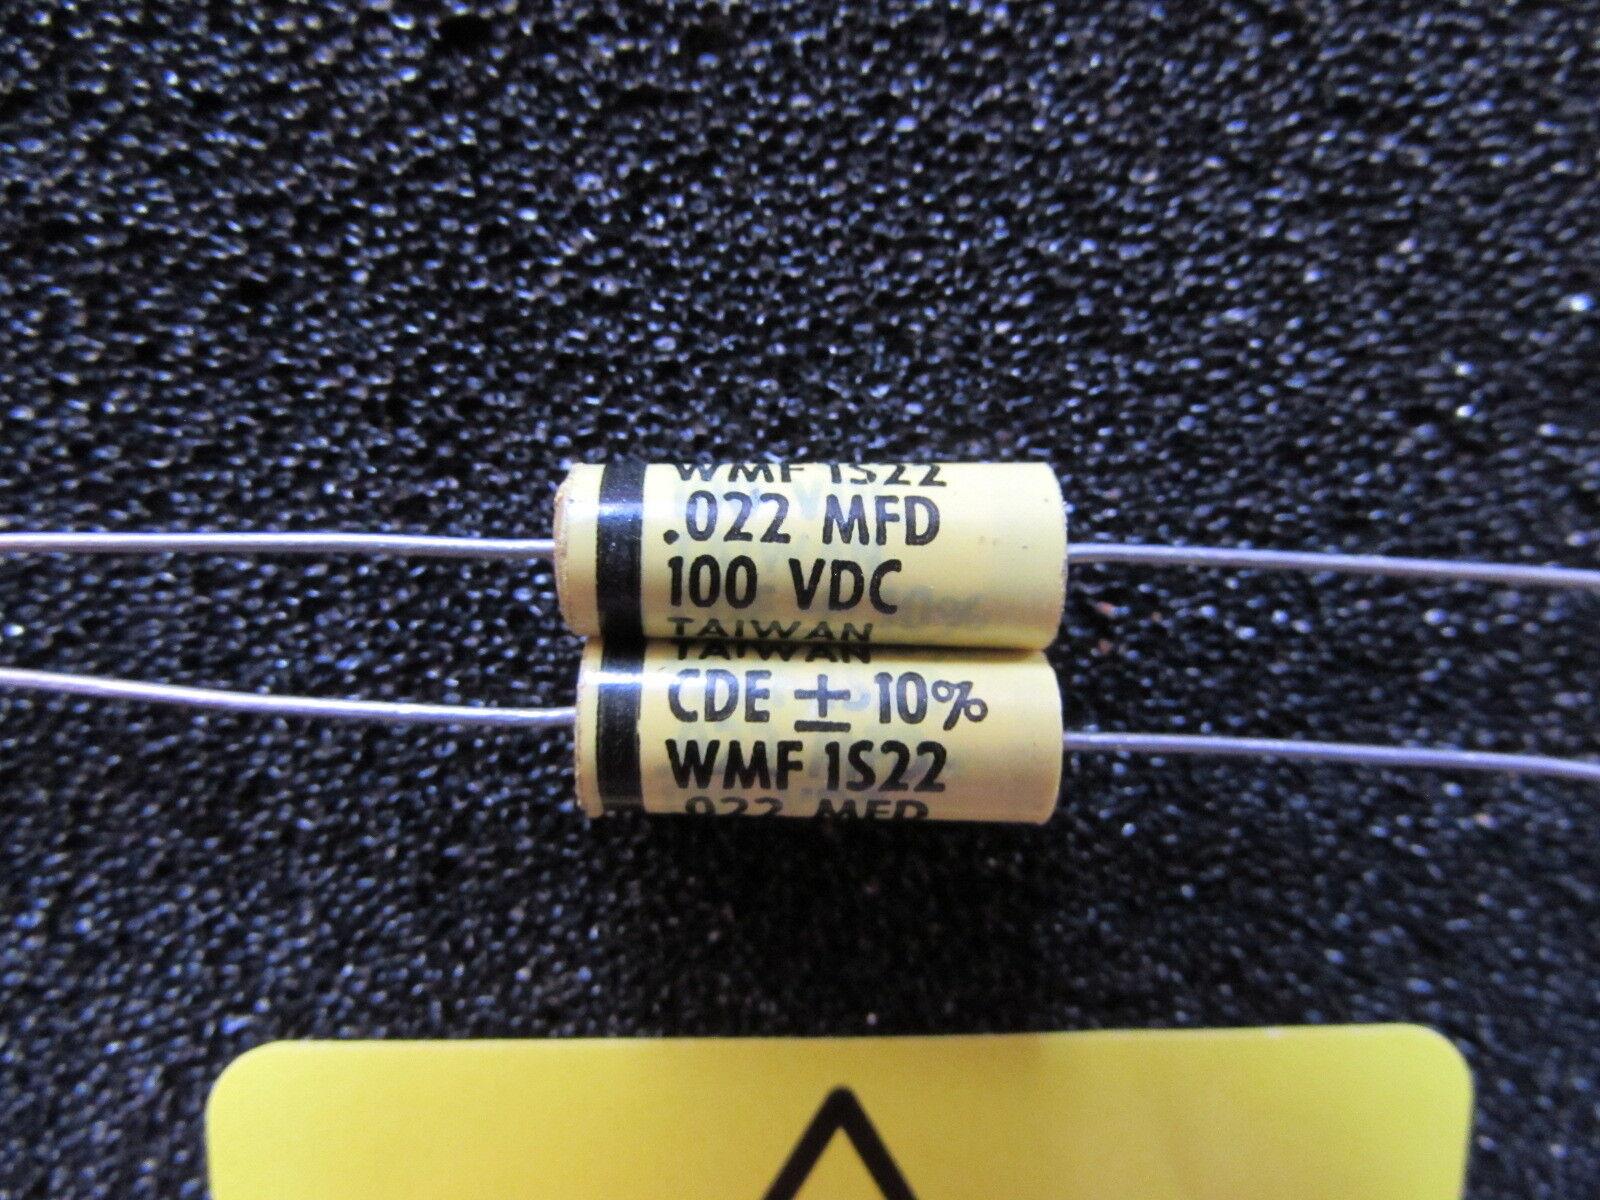 WPP 0.015uF 250V 5/% WPP2S15J Axial Film Capacitor CDE 2pcs-Cornell Dubilier